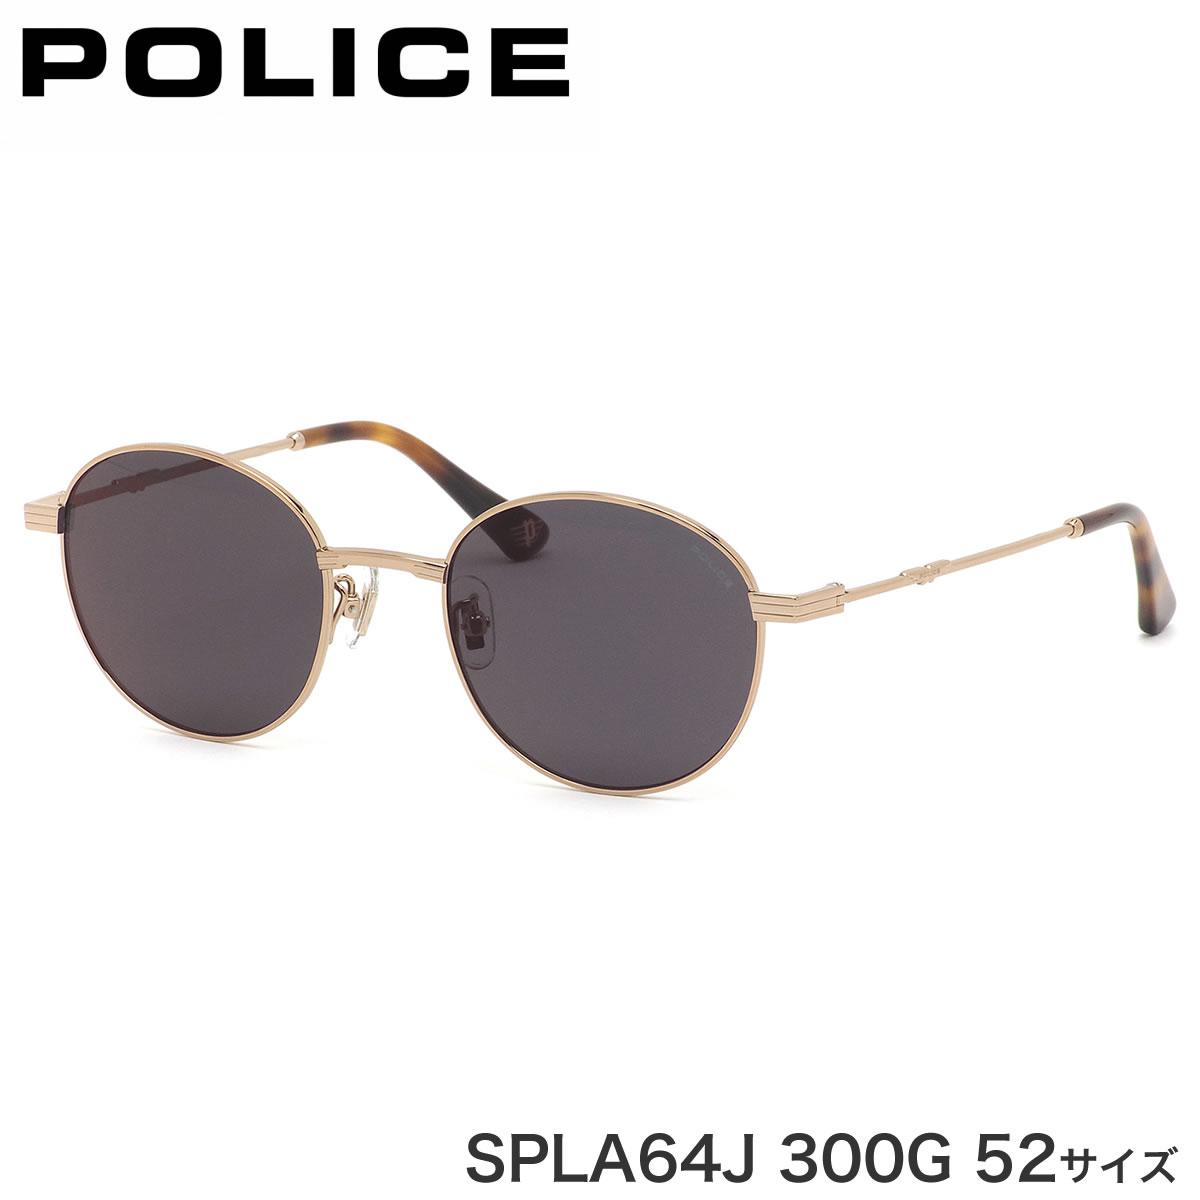 ポリス POLICE サングラス SPLA64J 300G 52サイズ ORIGINS SPLA64J オリジン ミラーレンズ かっこいい メンズ レディース